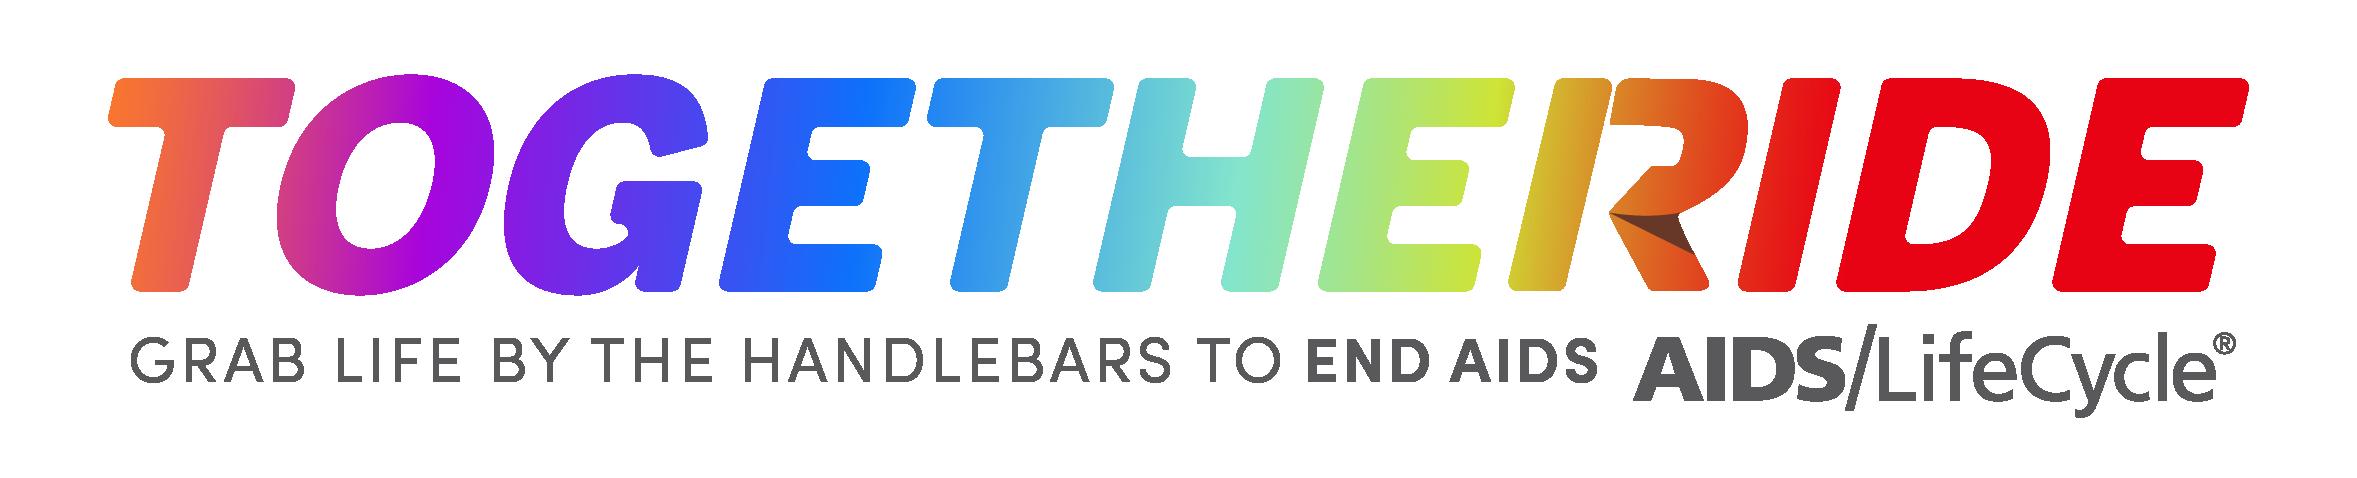 2021TRide_Logo-EDIT_v1_12_FullColor_withTagline_ALC